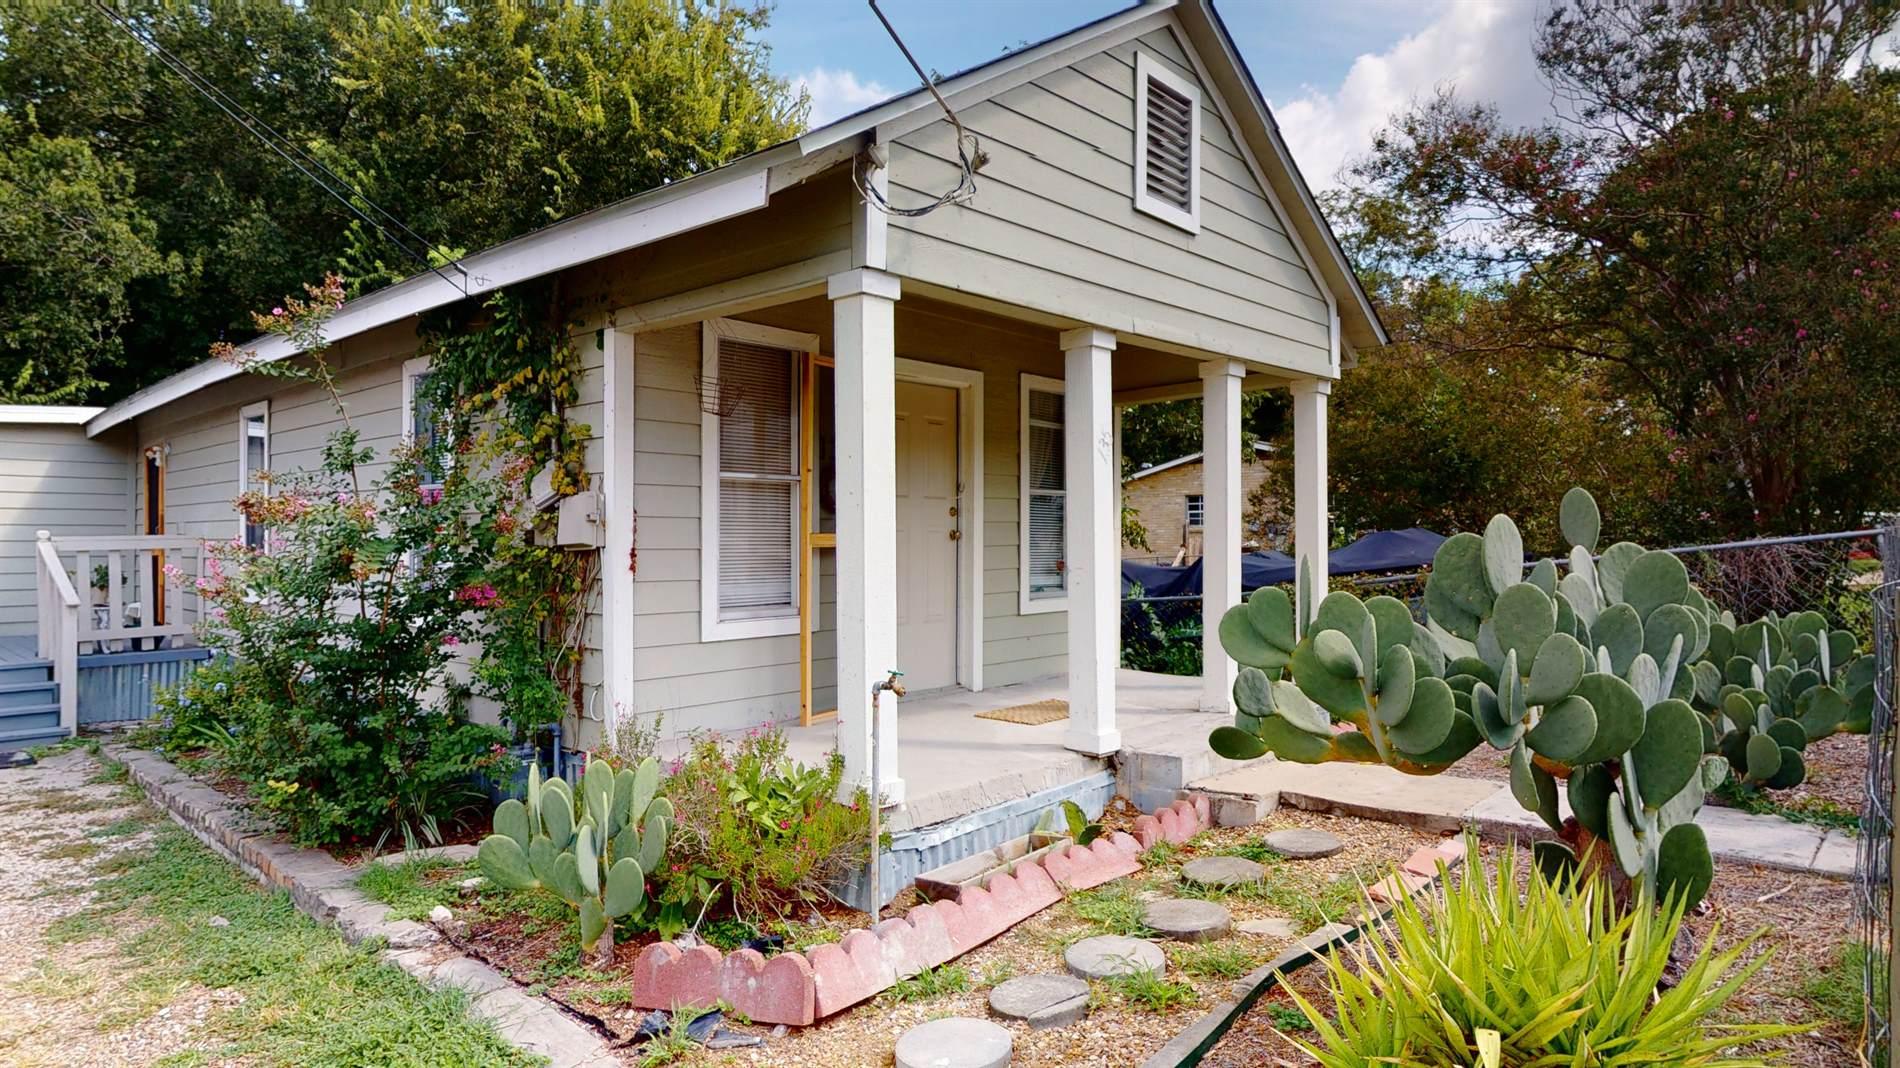 135 Dora St, San Antonio, TX 78212